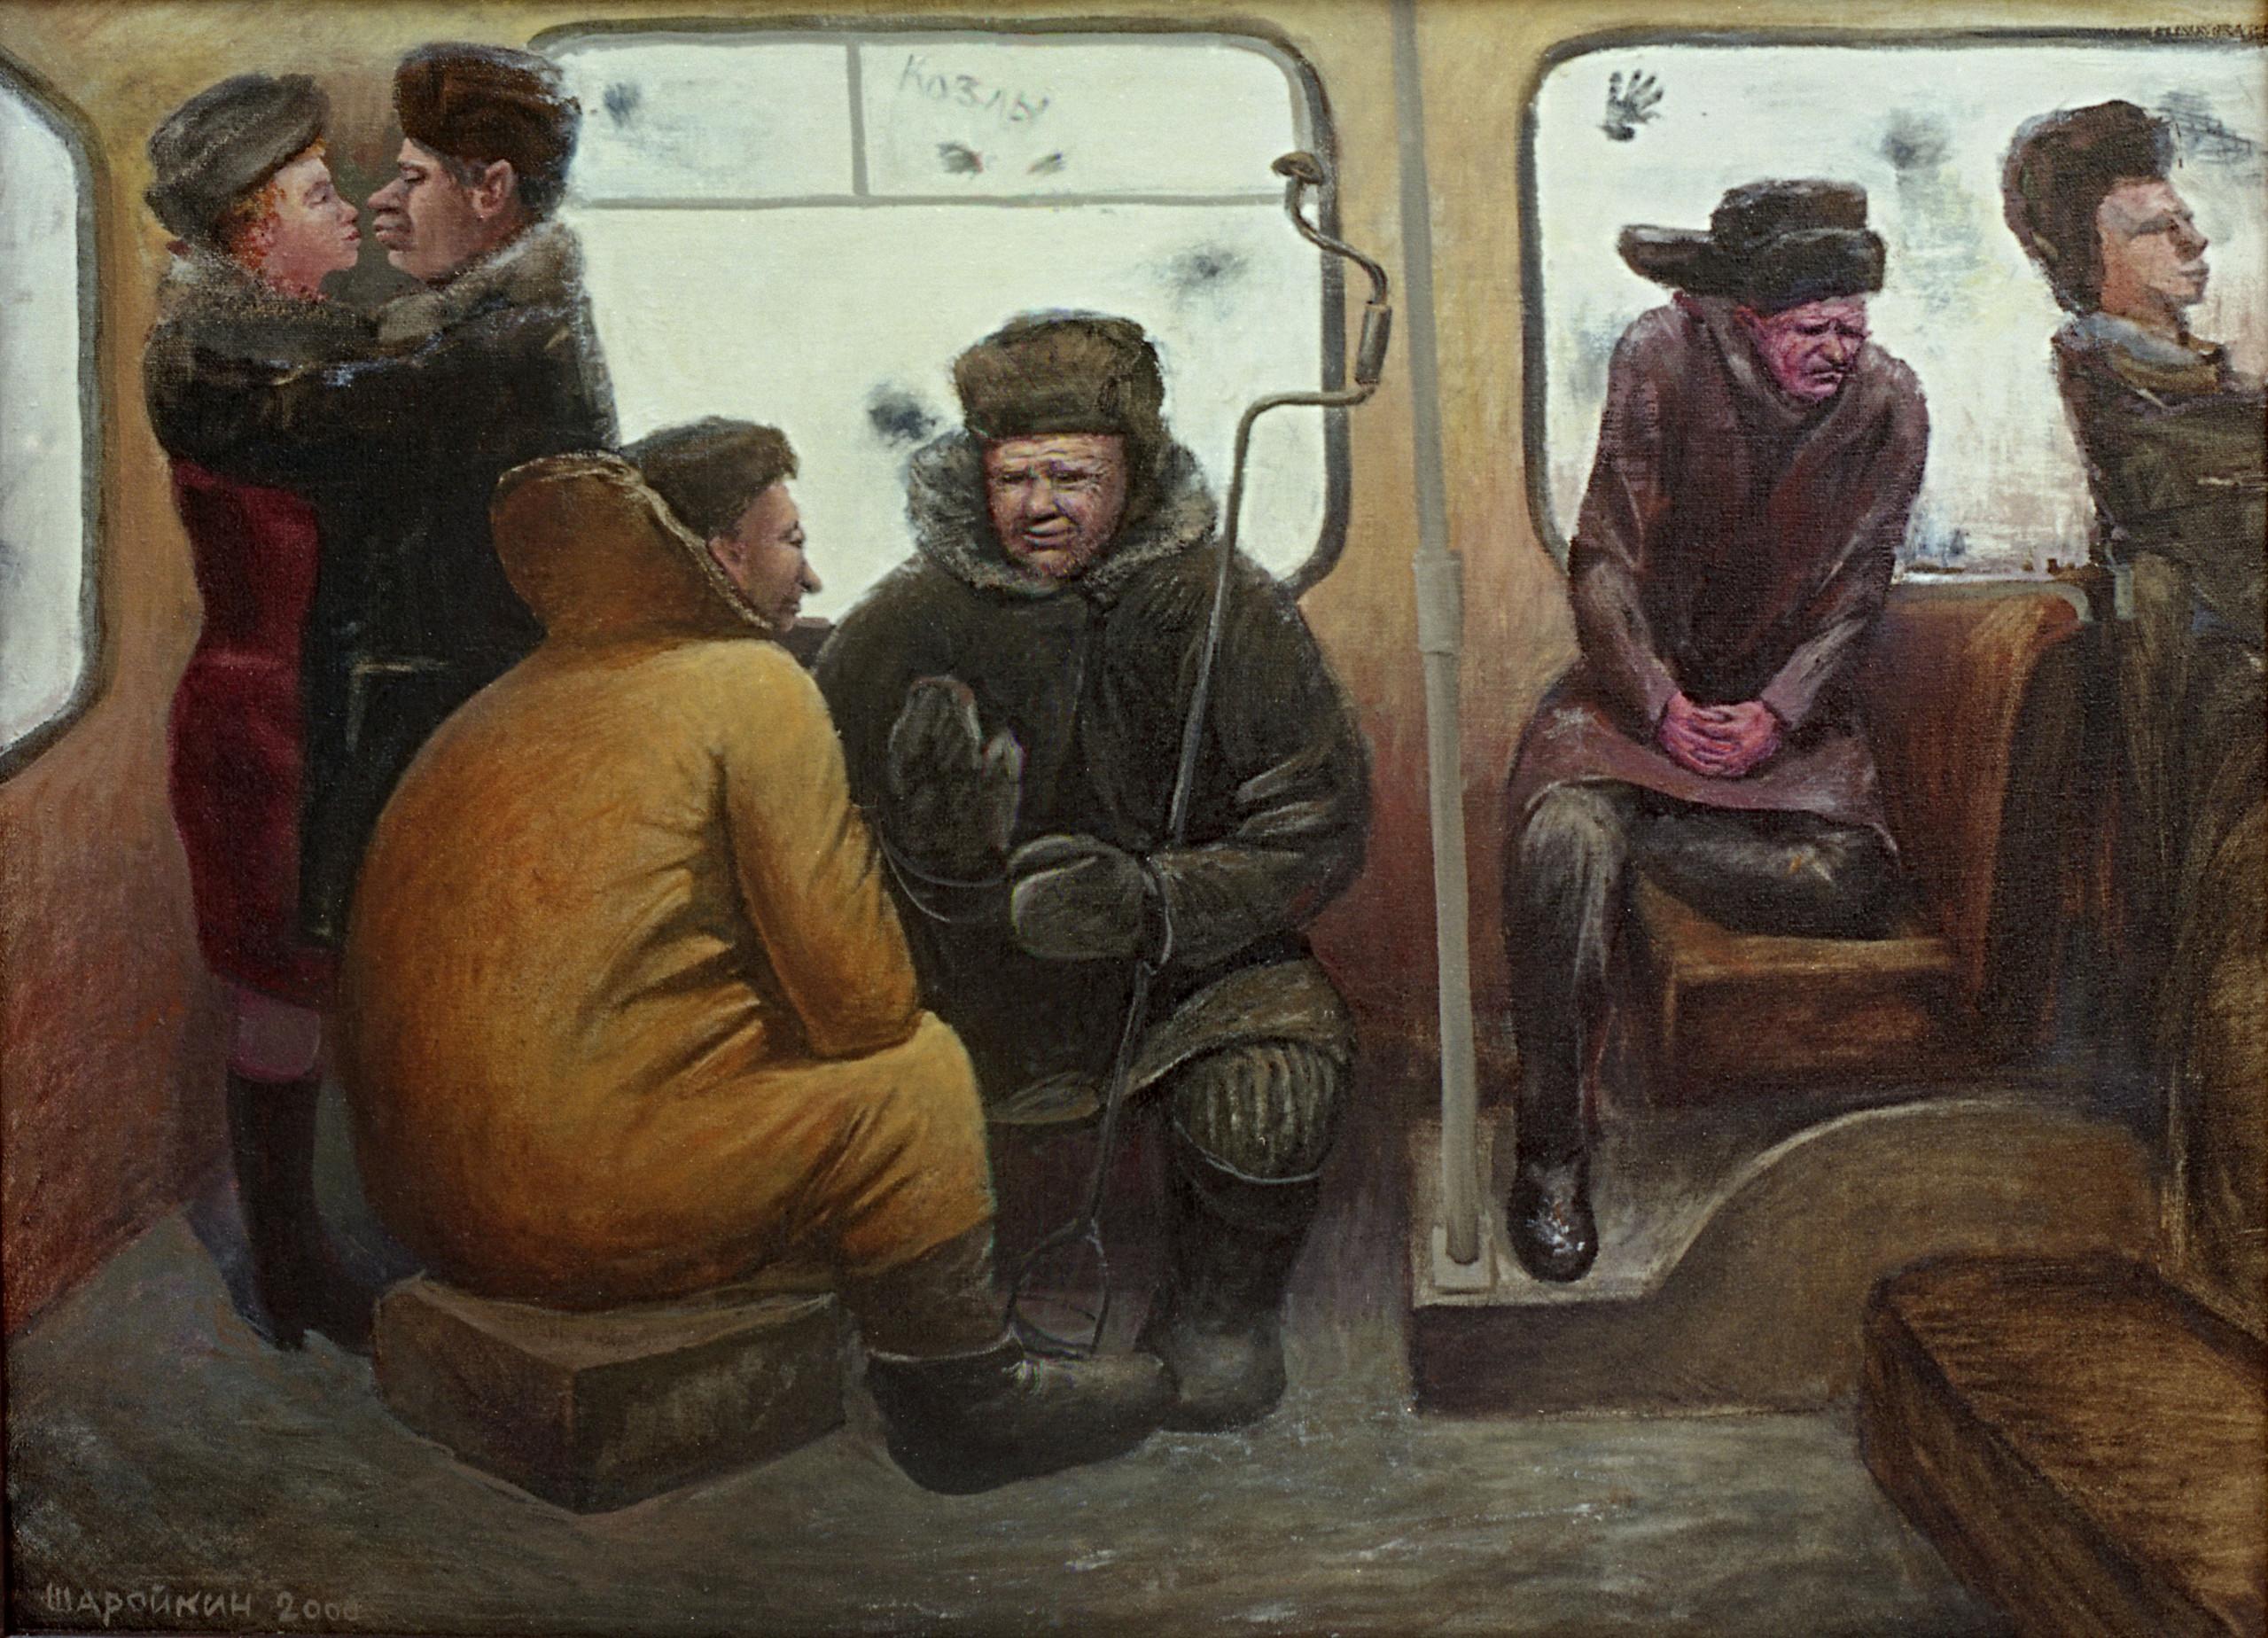 Рассказ о сексе в троллейбусе 7 фотография